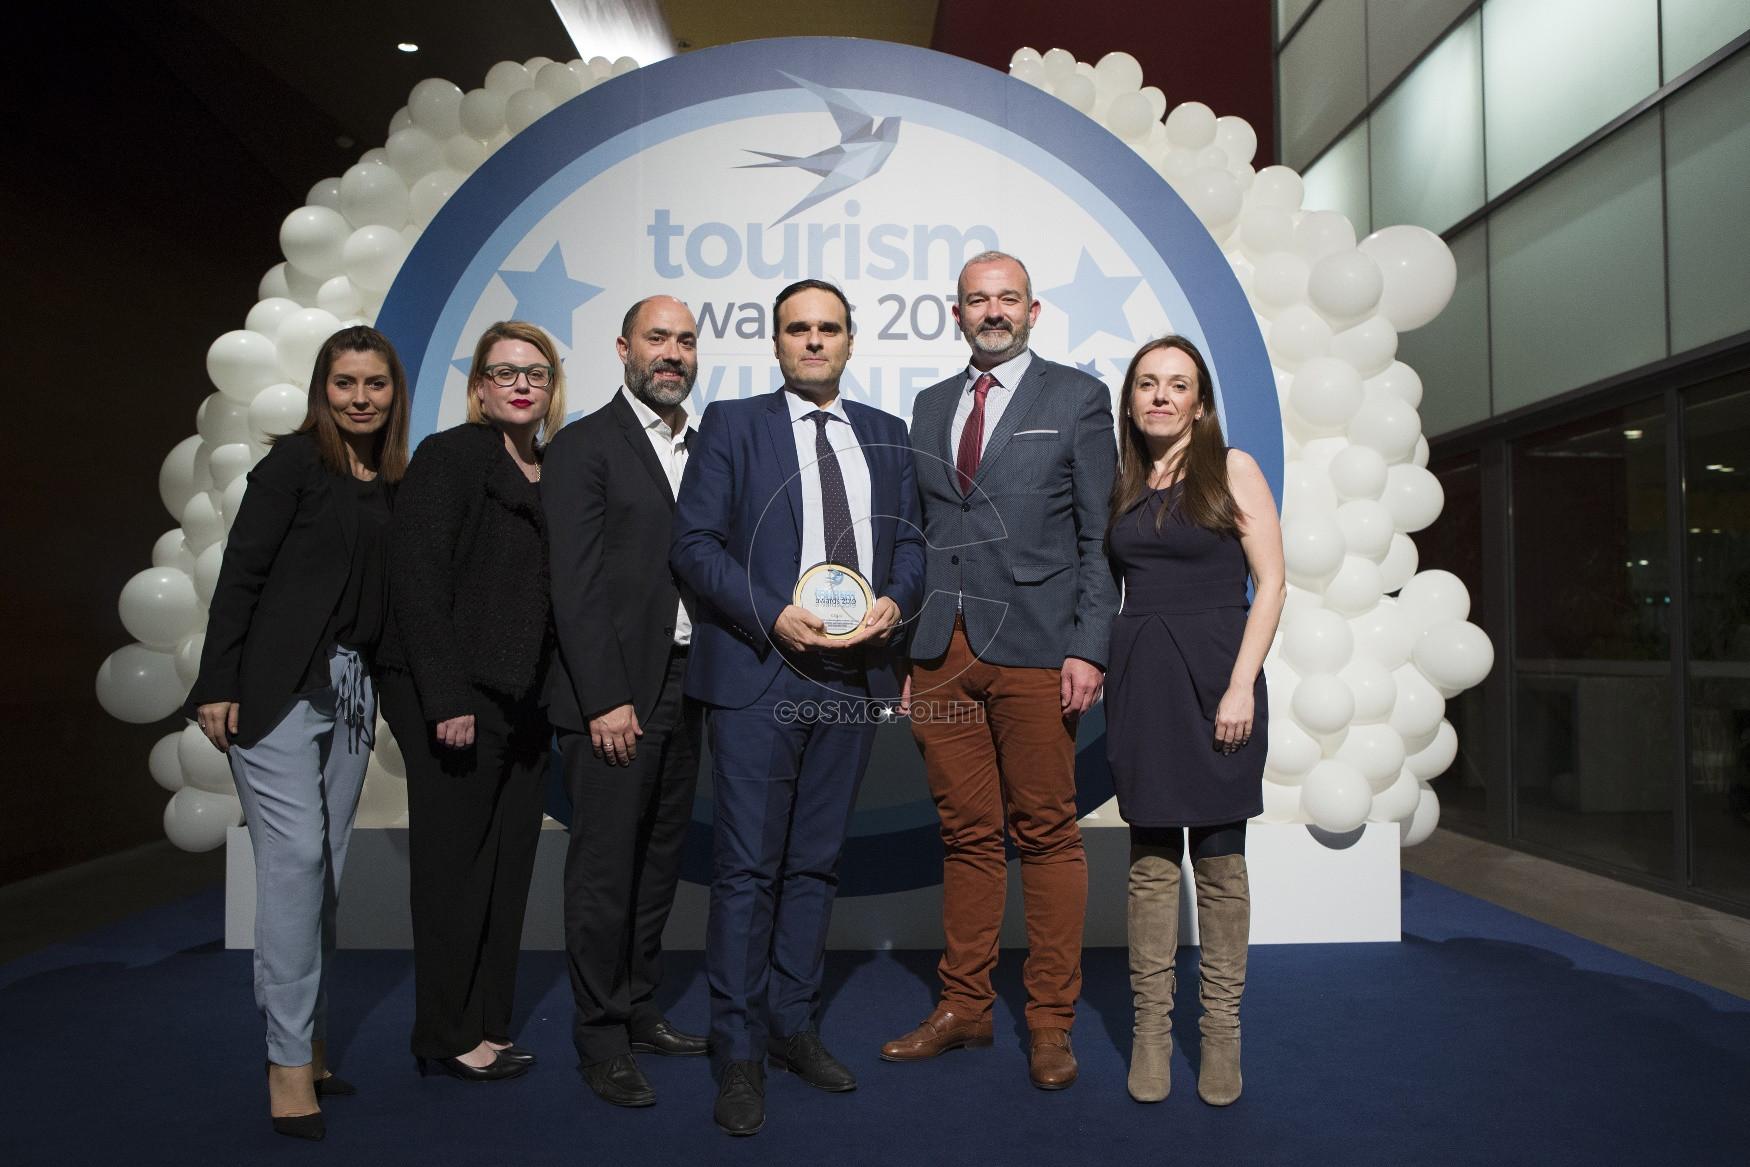 lg_tourism_awards_2019_photo_2_0